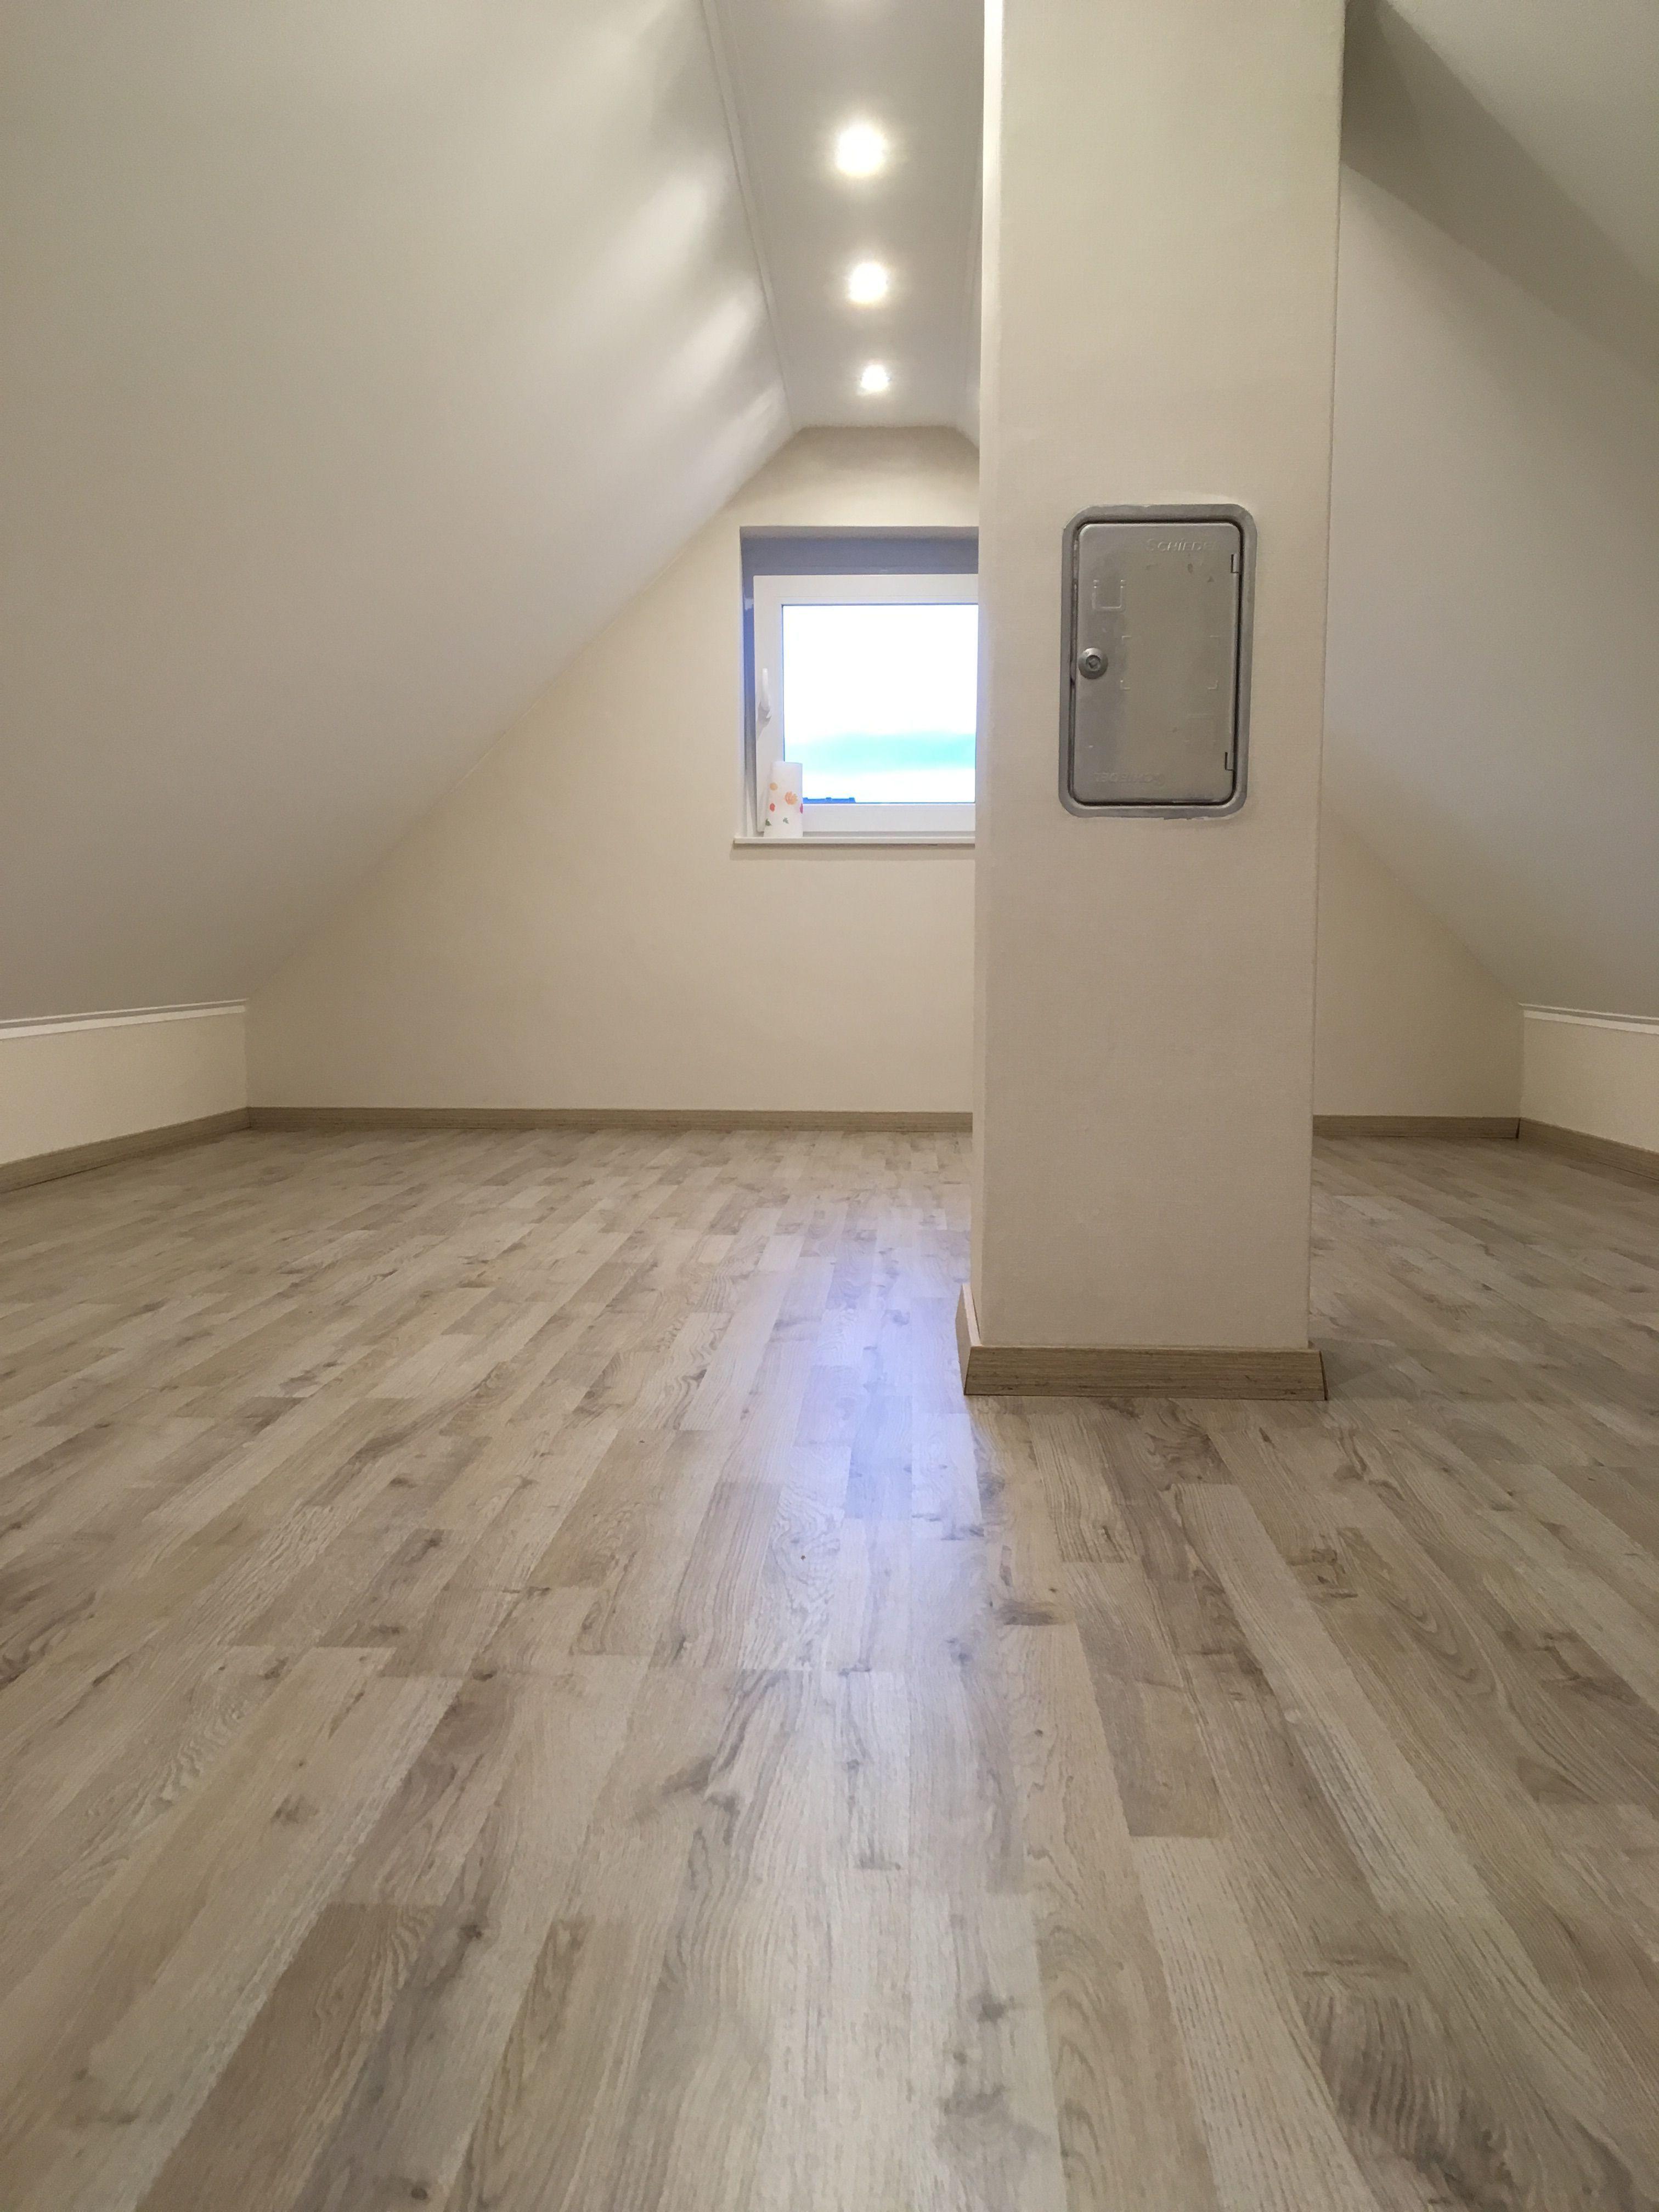 Dachboden Dachboden Diybathroomdecorformen In 2020 Dachboden Spitzboden Dachboden Renovierung